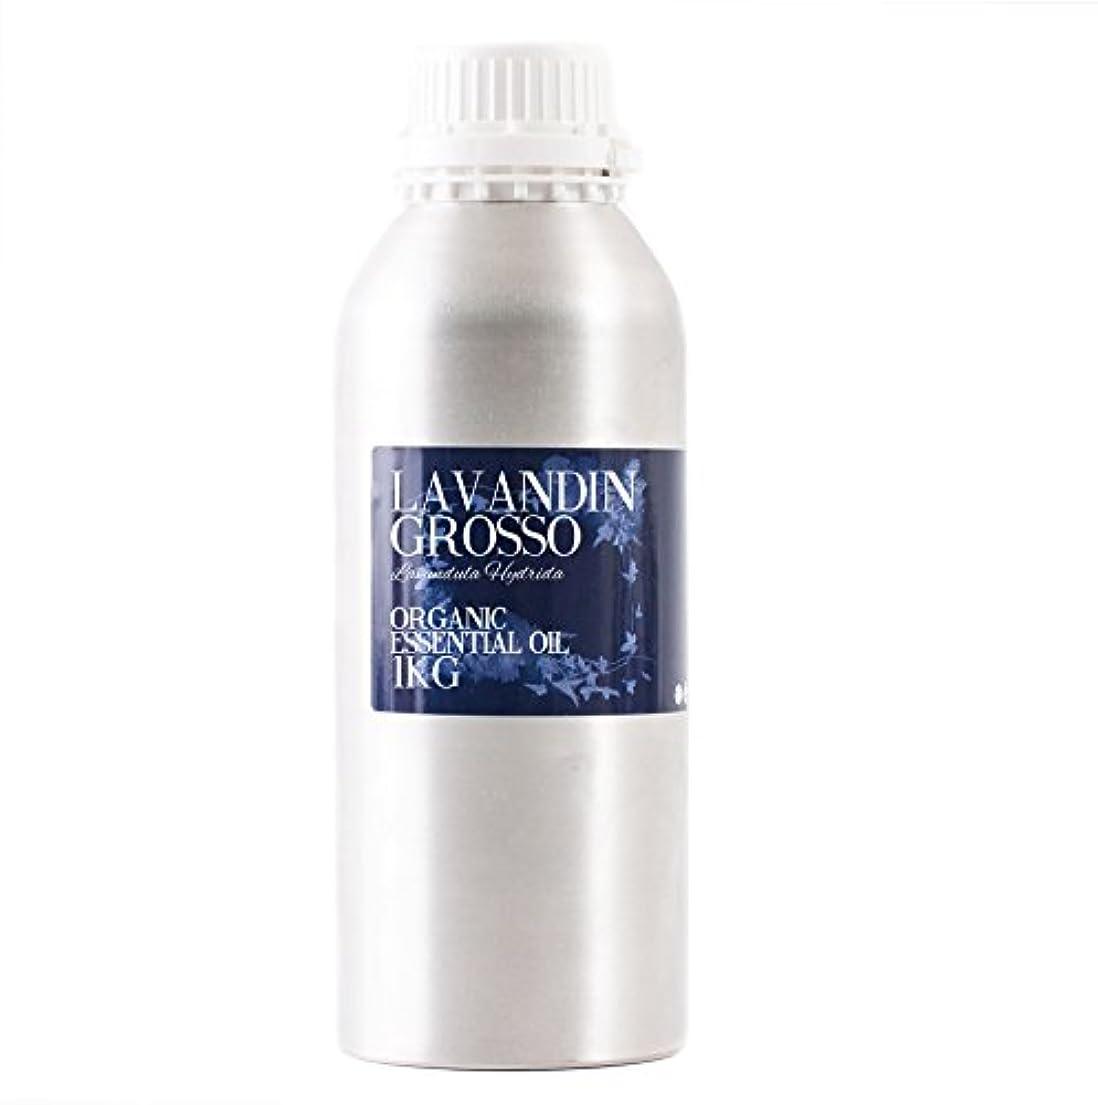 推進、動かすディスク真似るMystic Moments | Lavandin Grosso Organic Essential Oil - 1Kg - 100% Pure